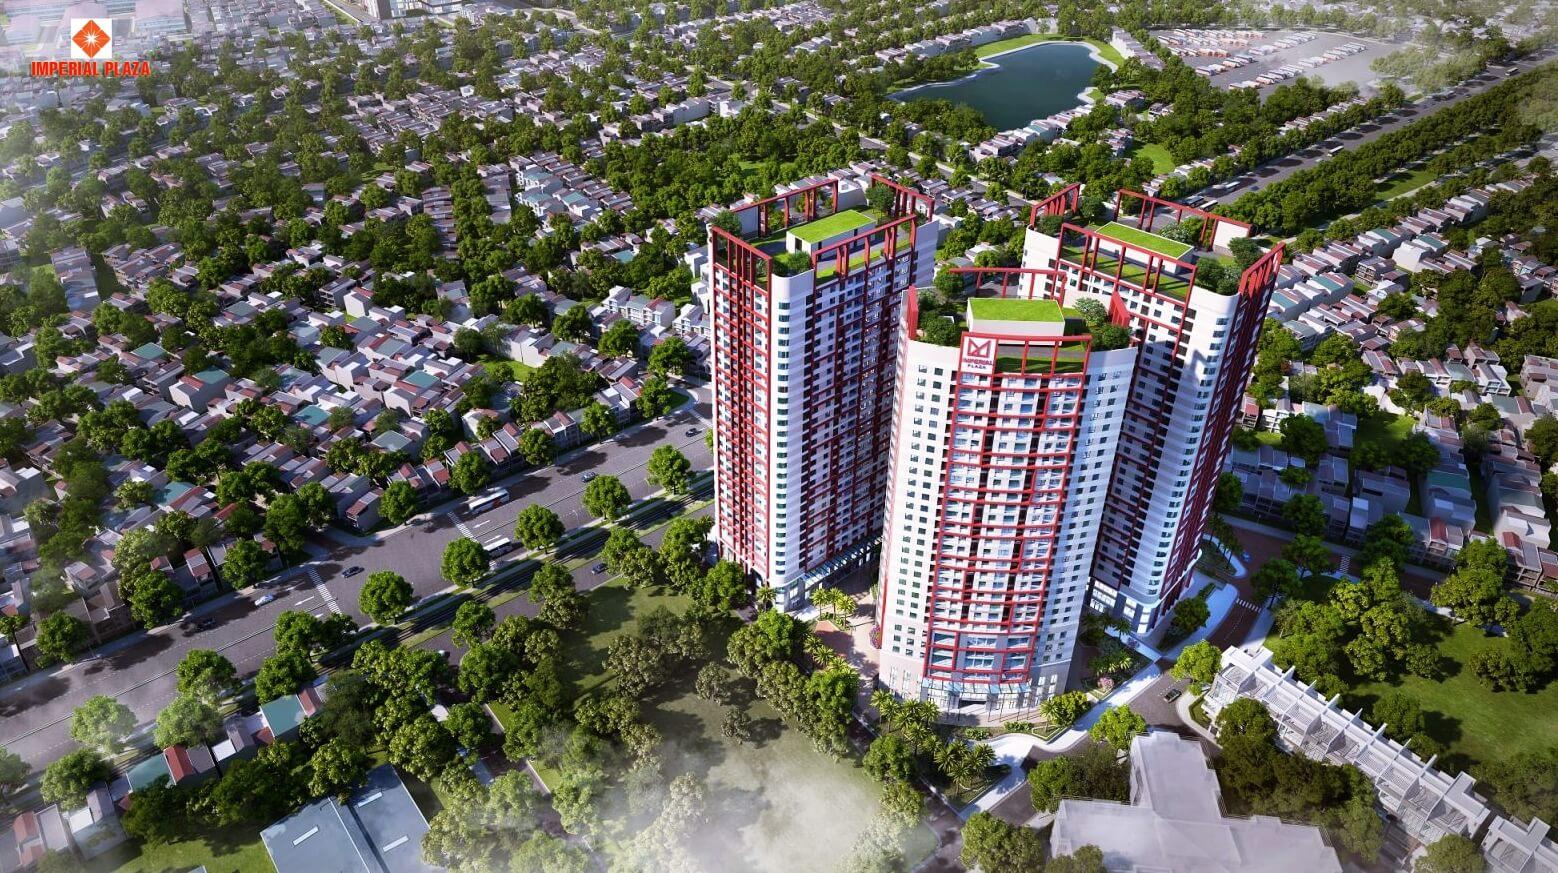 Imperial Plaza lựa chọn an cư hoàn hảo khu phía Nam Hà Nội